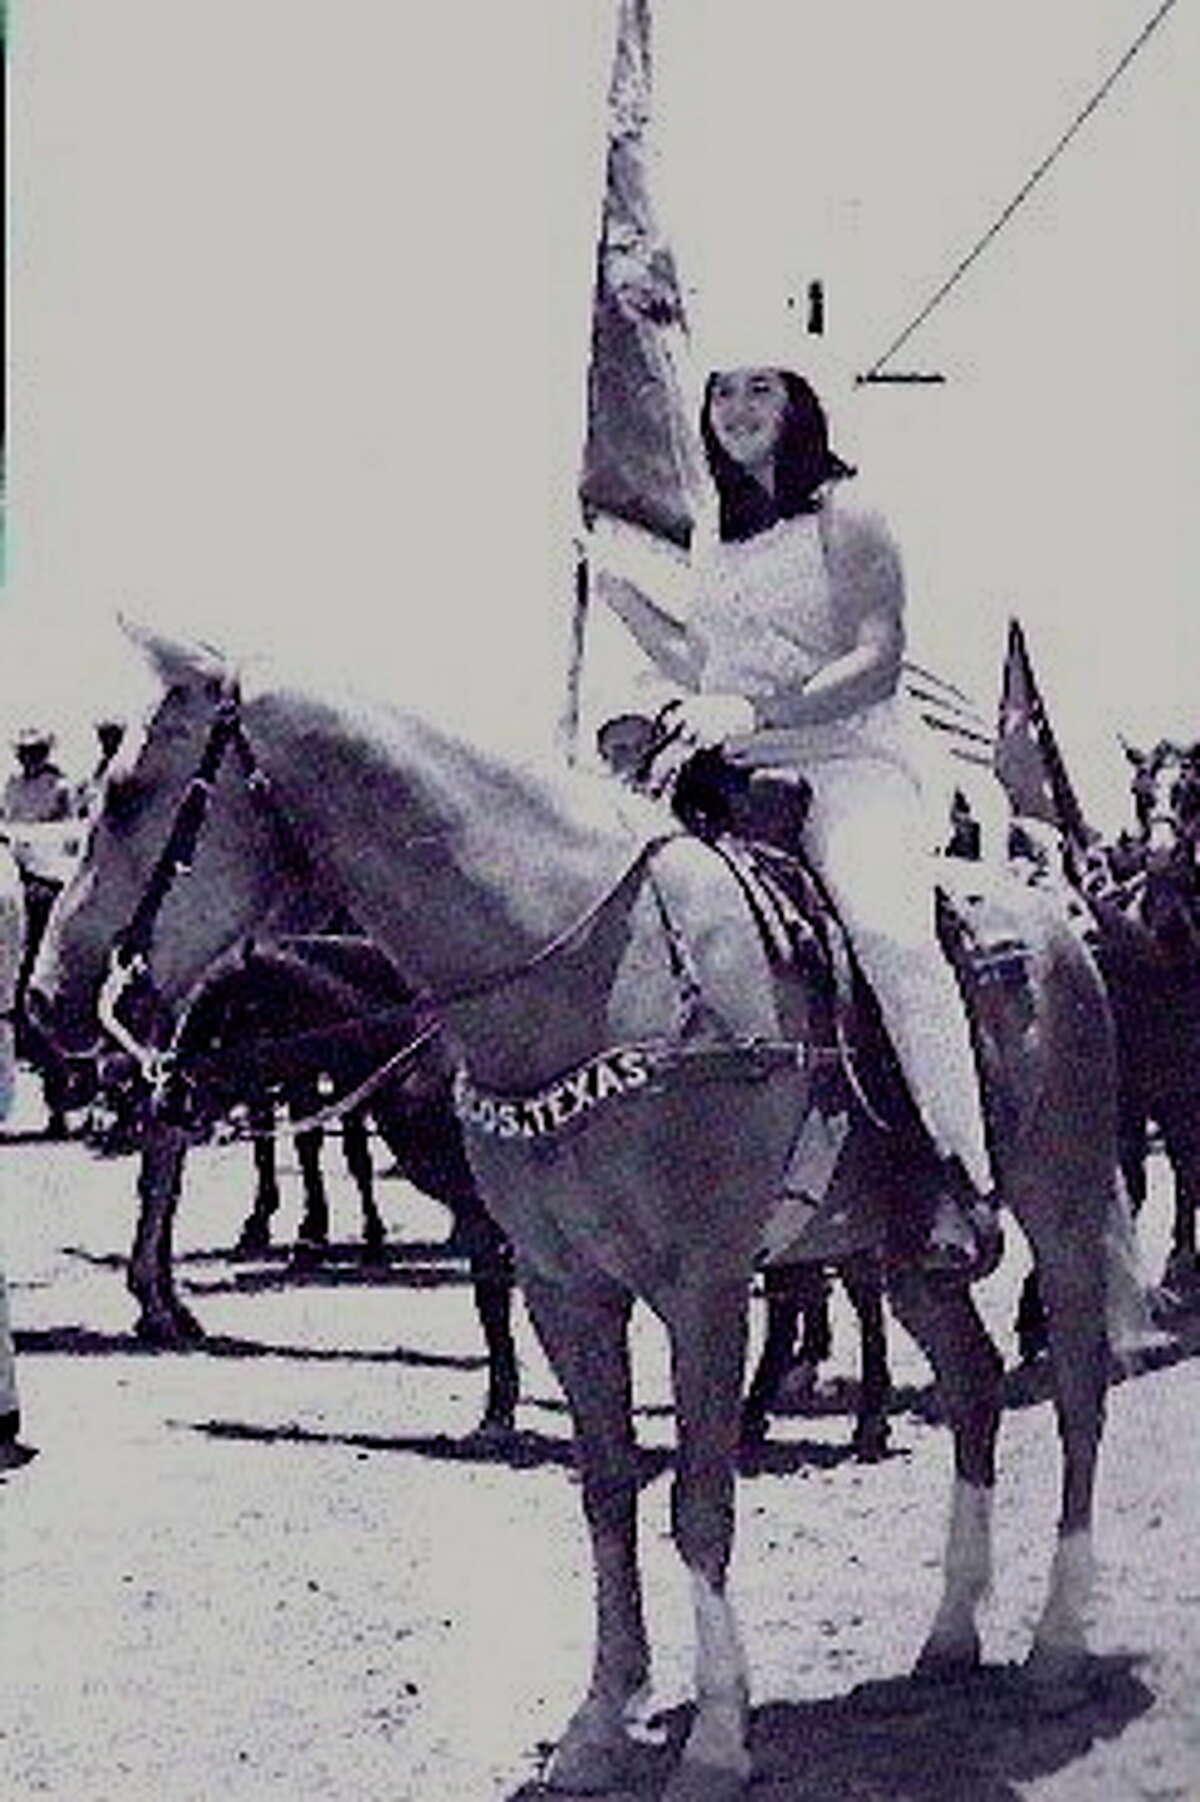 Jane Erskine when she was Sheriff Posse's sweetheart